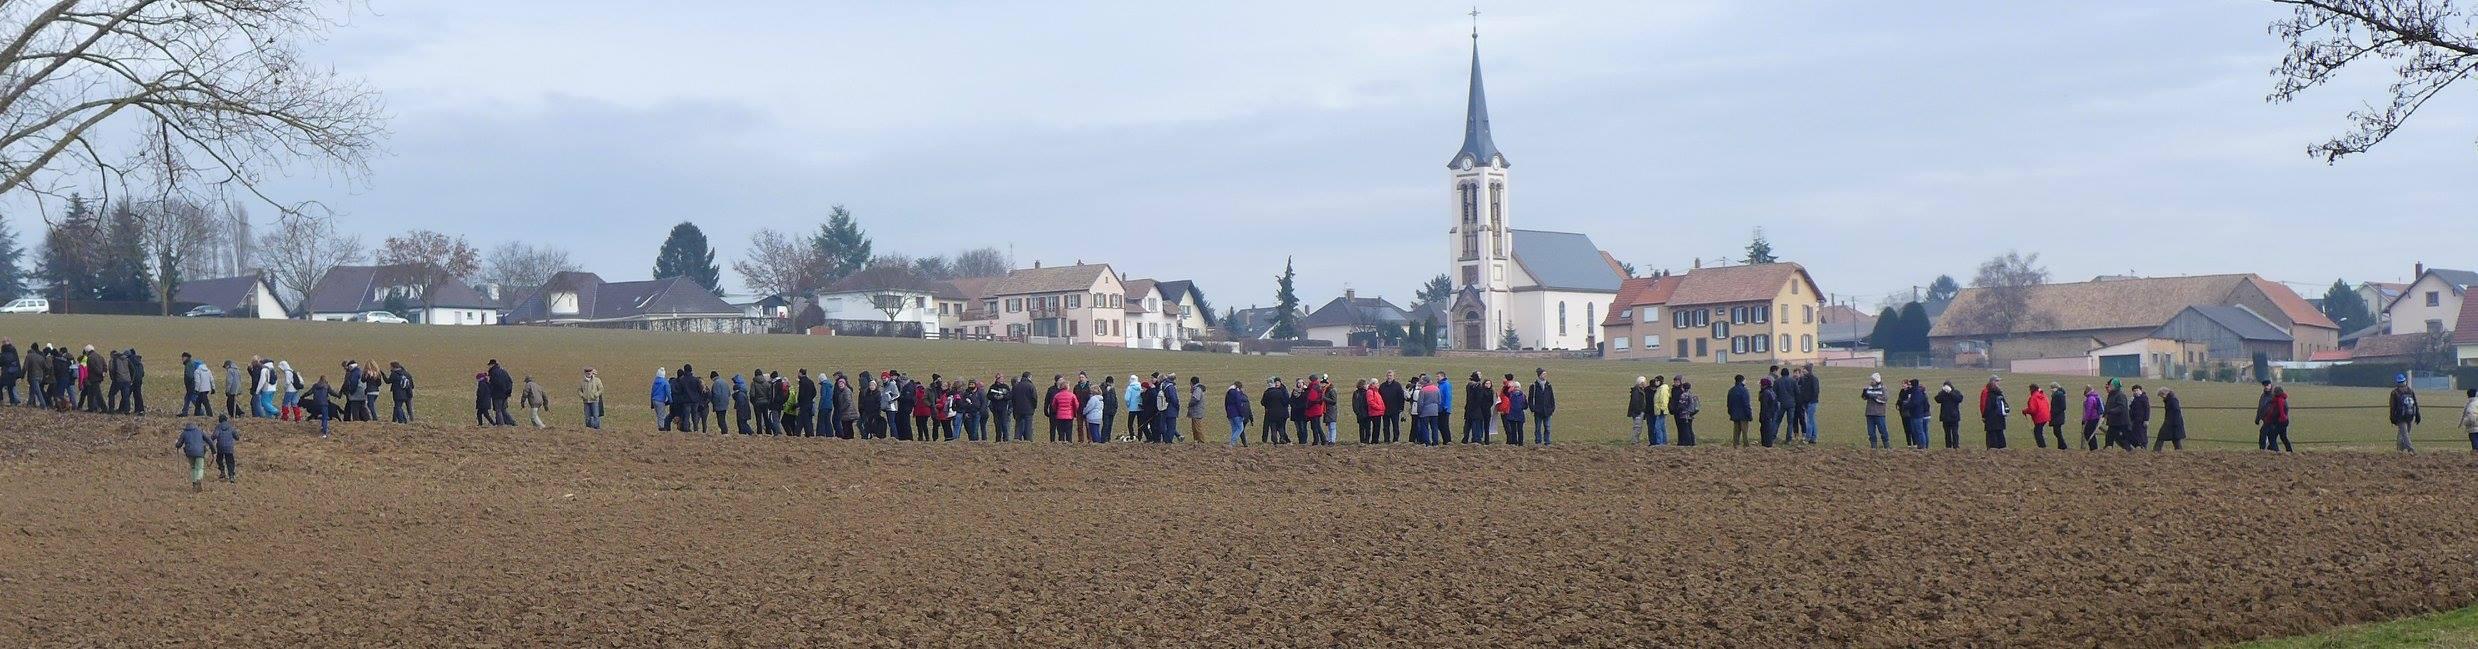 Marche découverte pour l'abandon du GCO @ Complexe Sportif  | Ernolsheim-Bruche | Grand Est | France